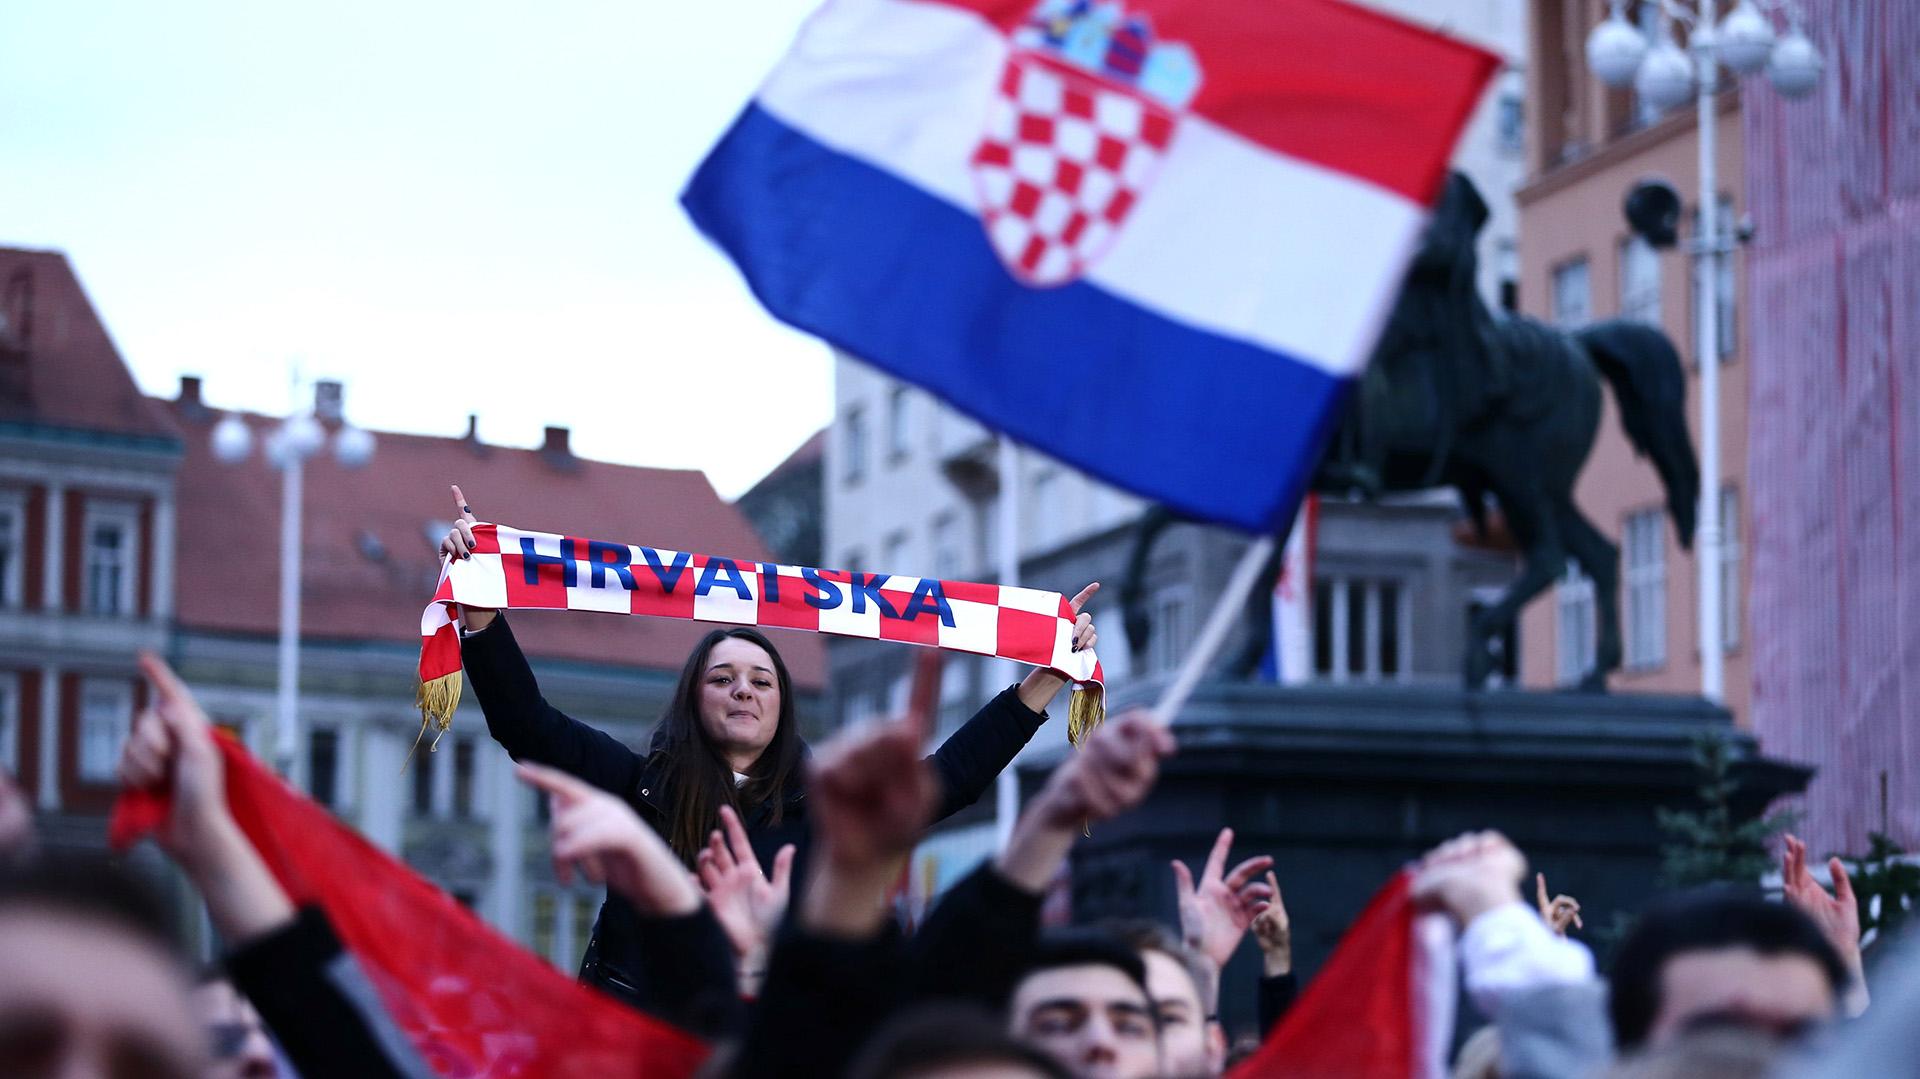 """""""Es fenomenal ser campeón mundial, ser recibido de esta forma, esto es como un sueño. ¡Estamos orgullosos de haber traído este trofeo a Croacia!"""", declaró Cilic, ovacionado por la multitud"""